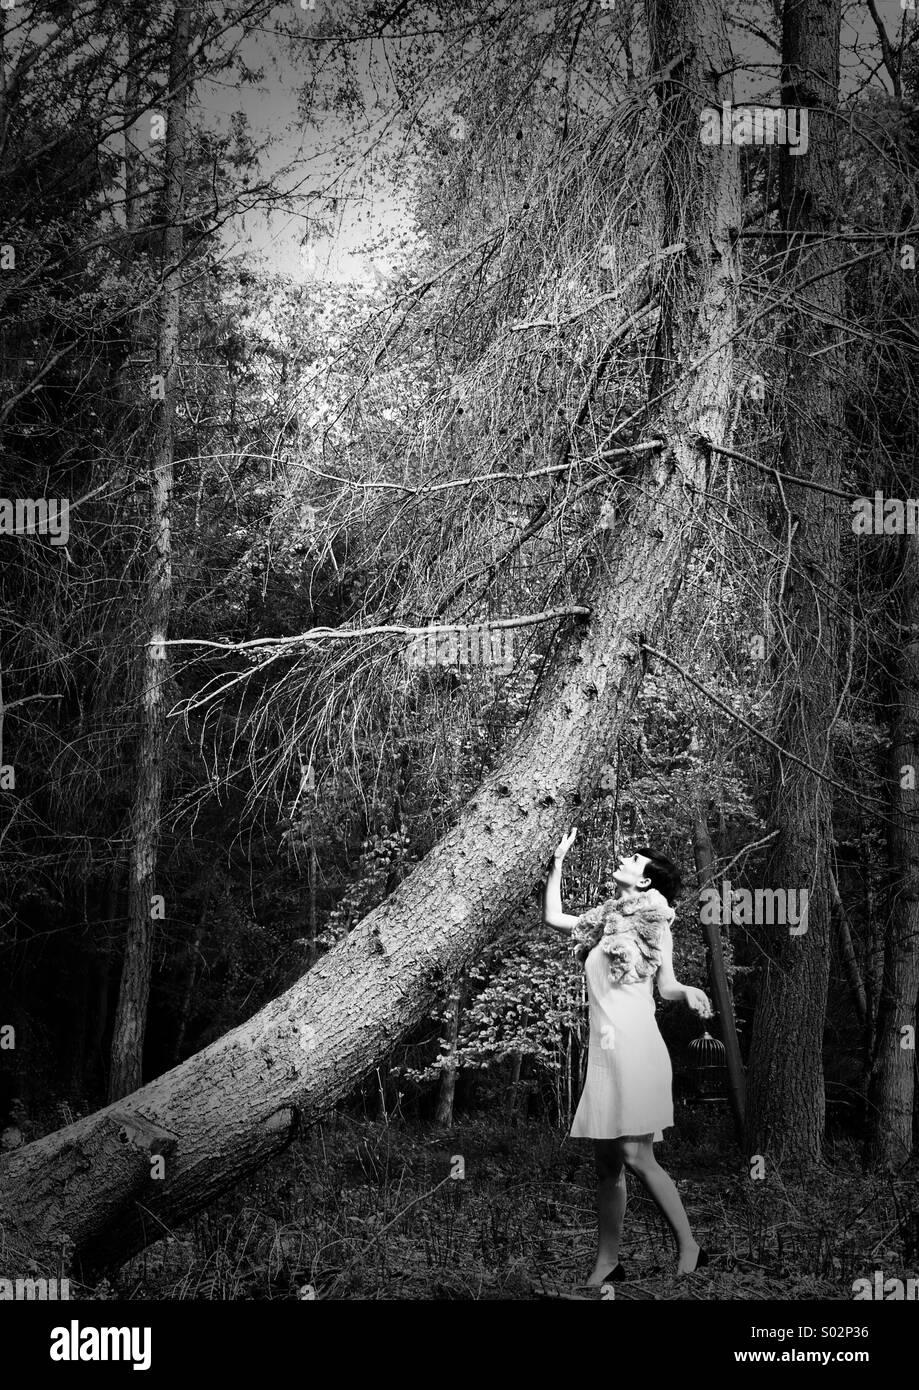 Un paseo por el bosque II Imagen De Stock